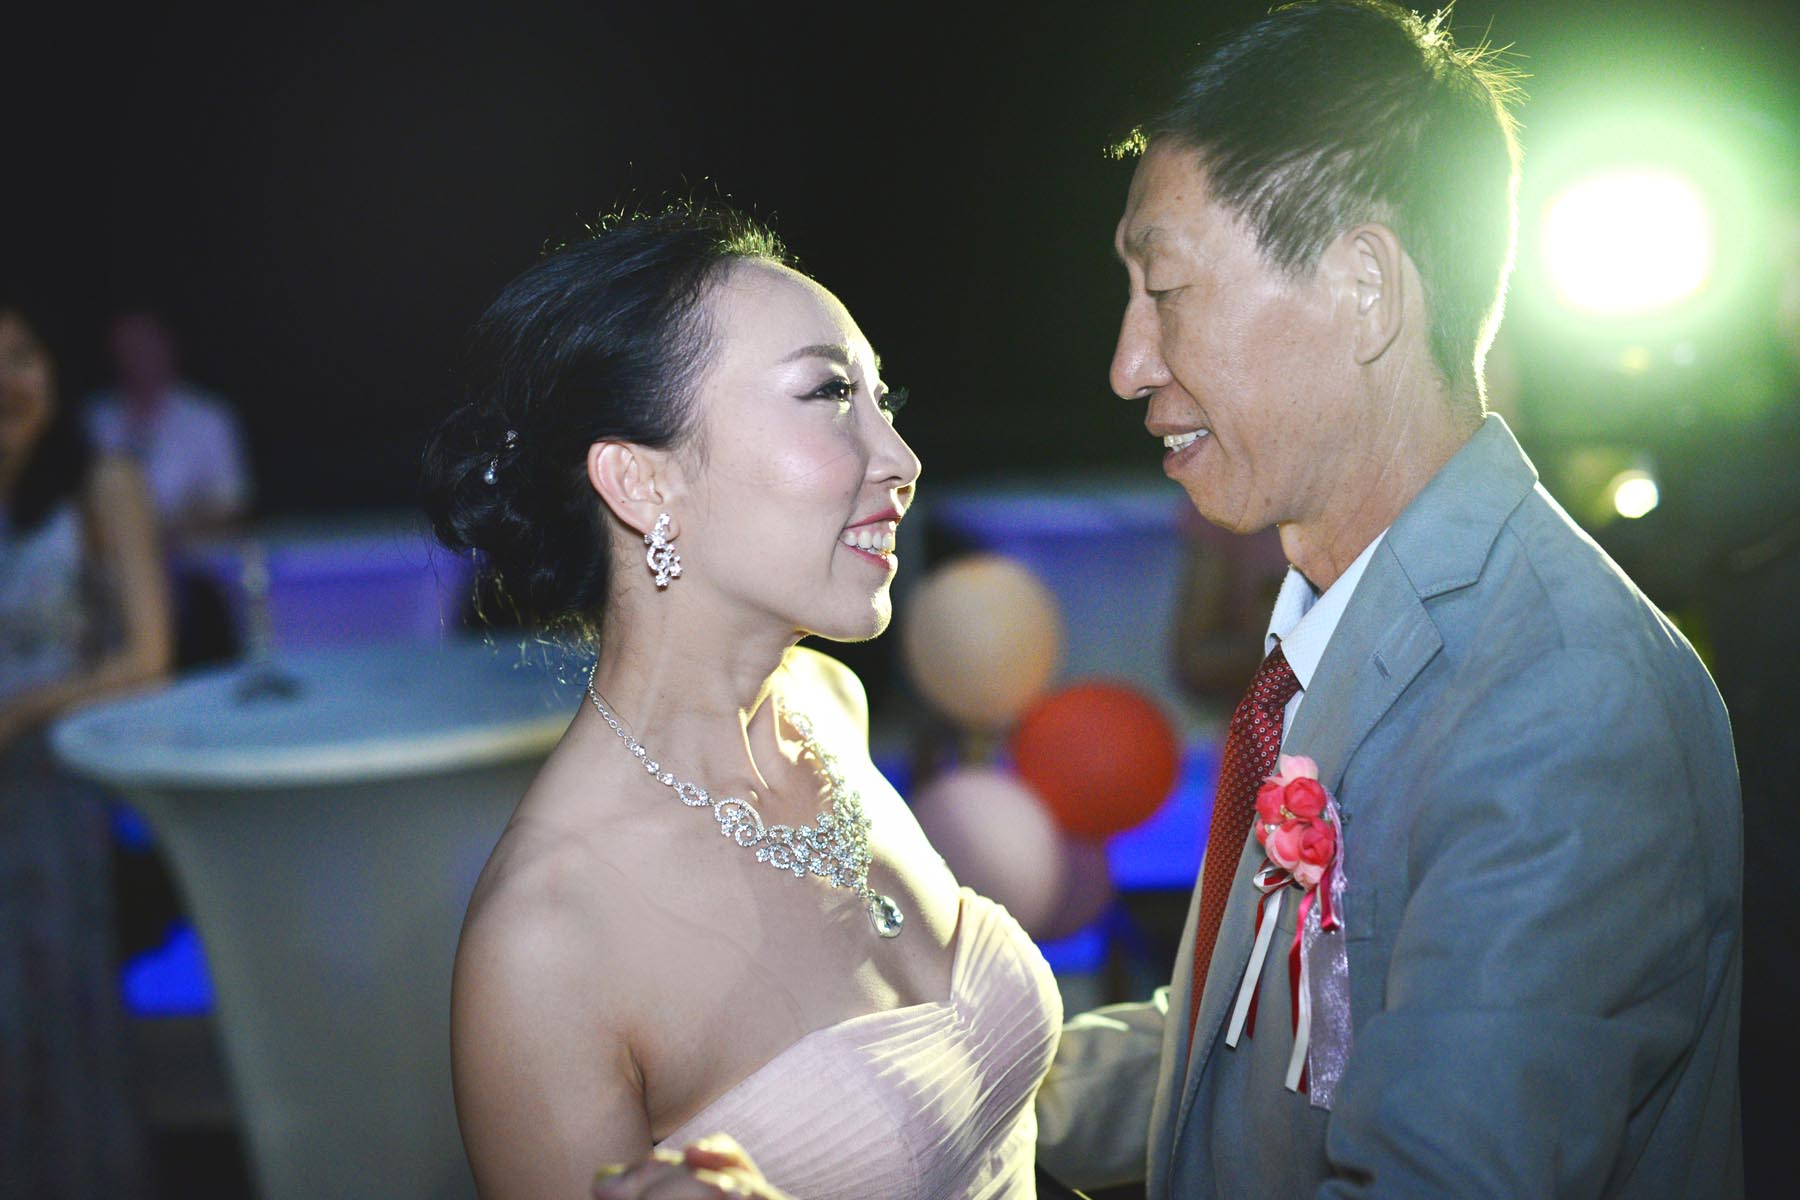 estepona fotos baile boda